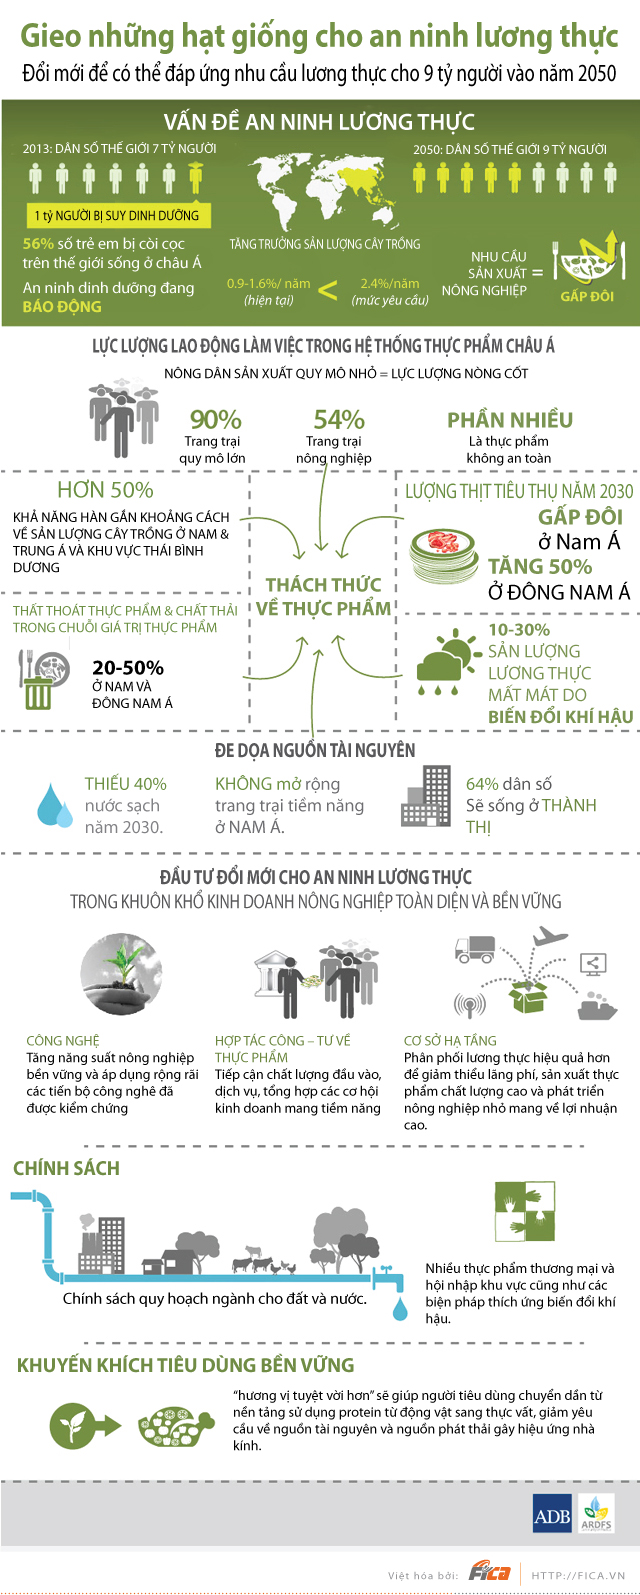 [INFOGRAPHIC] Vấn đề An ninh lương thực Thế giới năm 2050